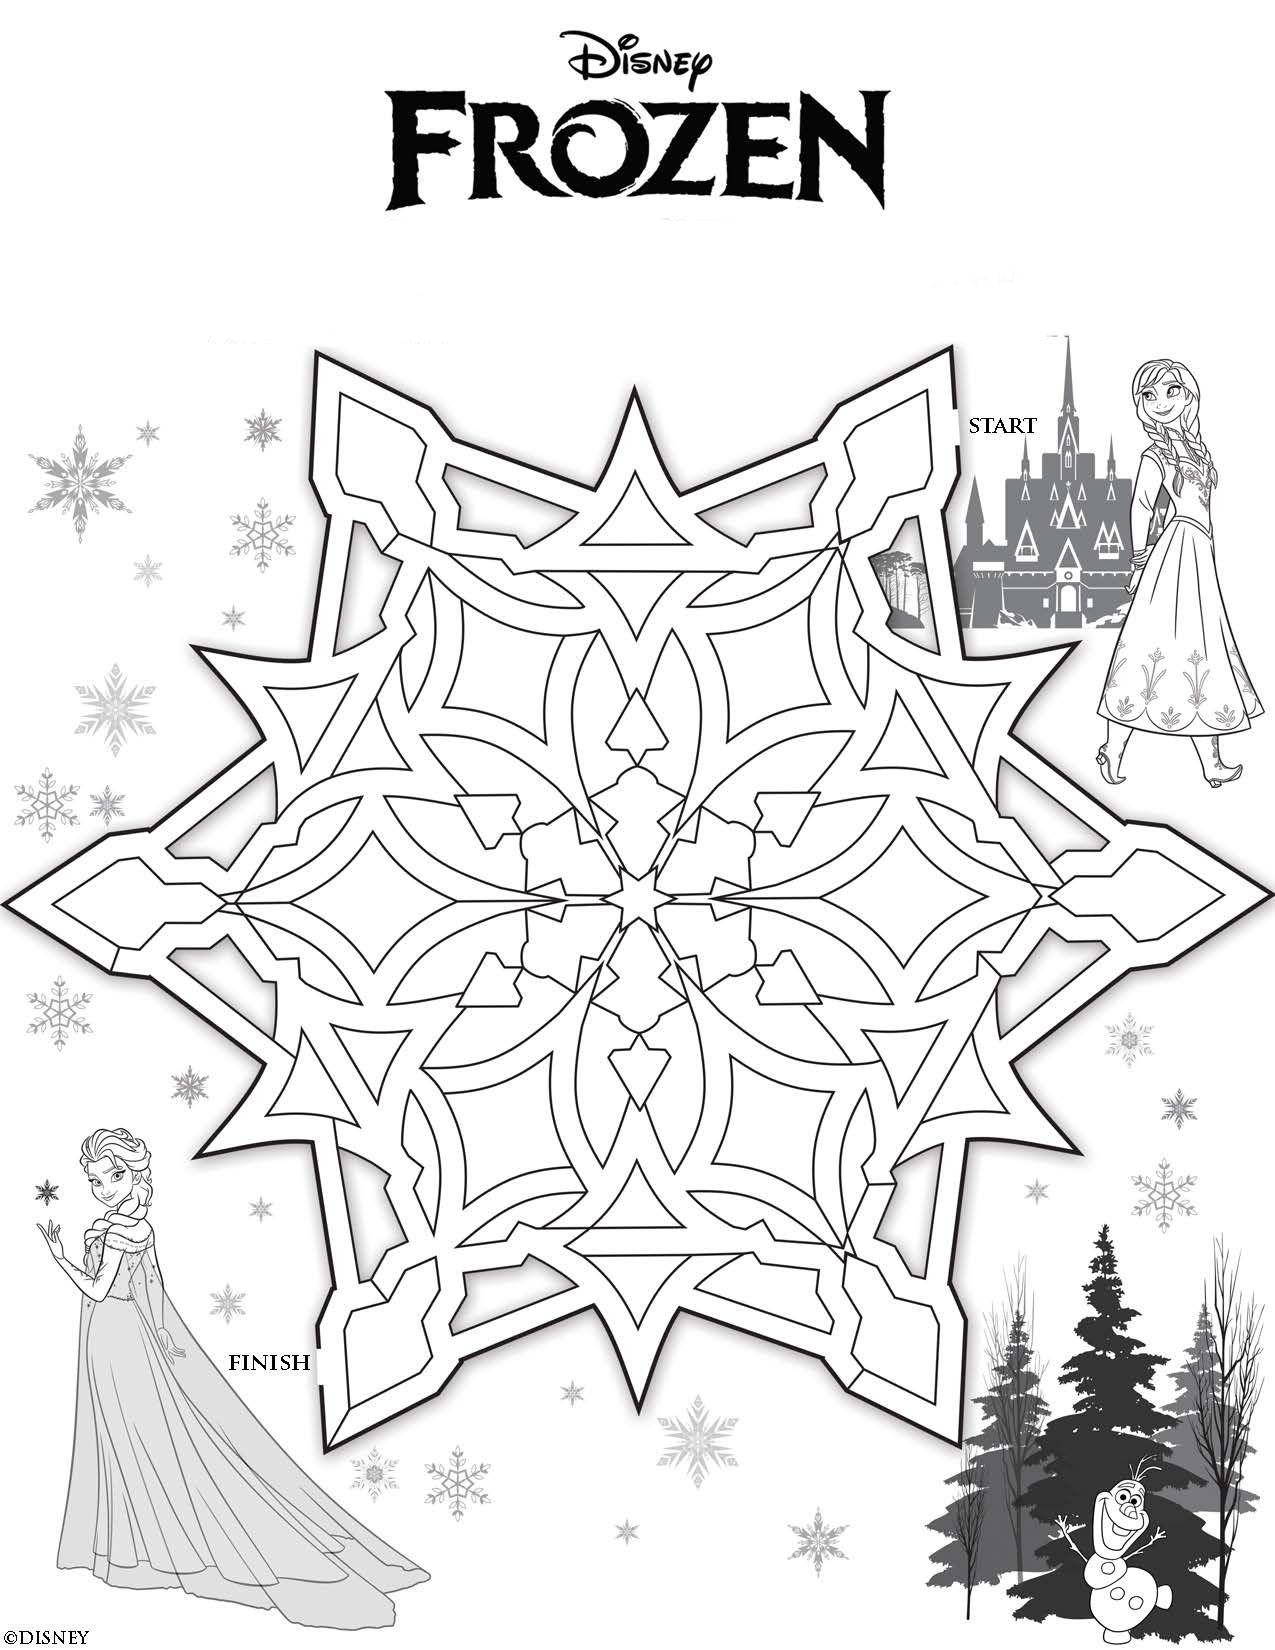 Aqu tenis diferentes juegos de Pintar Frozen Hay juegos de Elsa